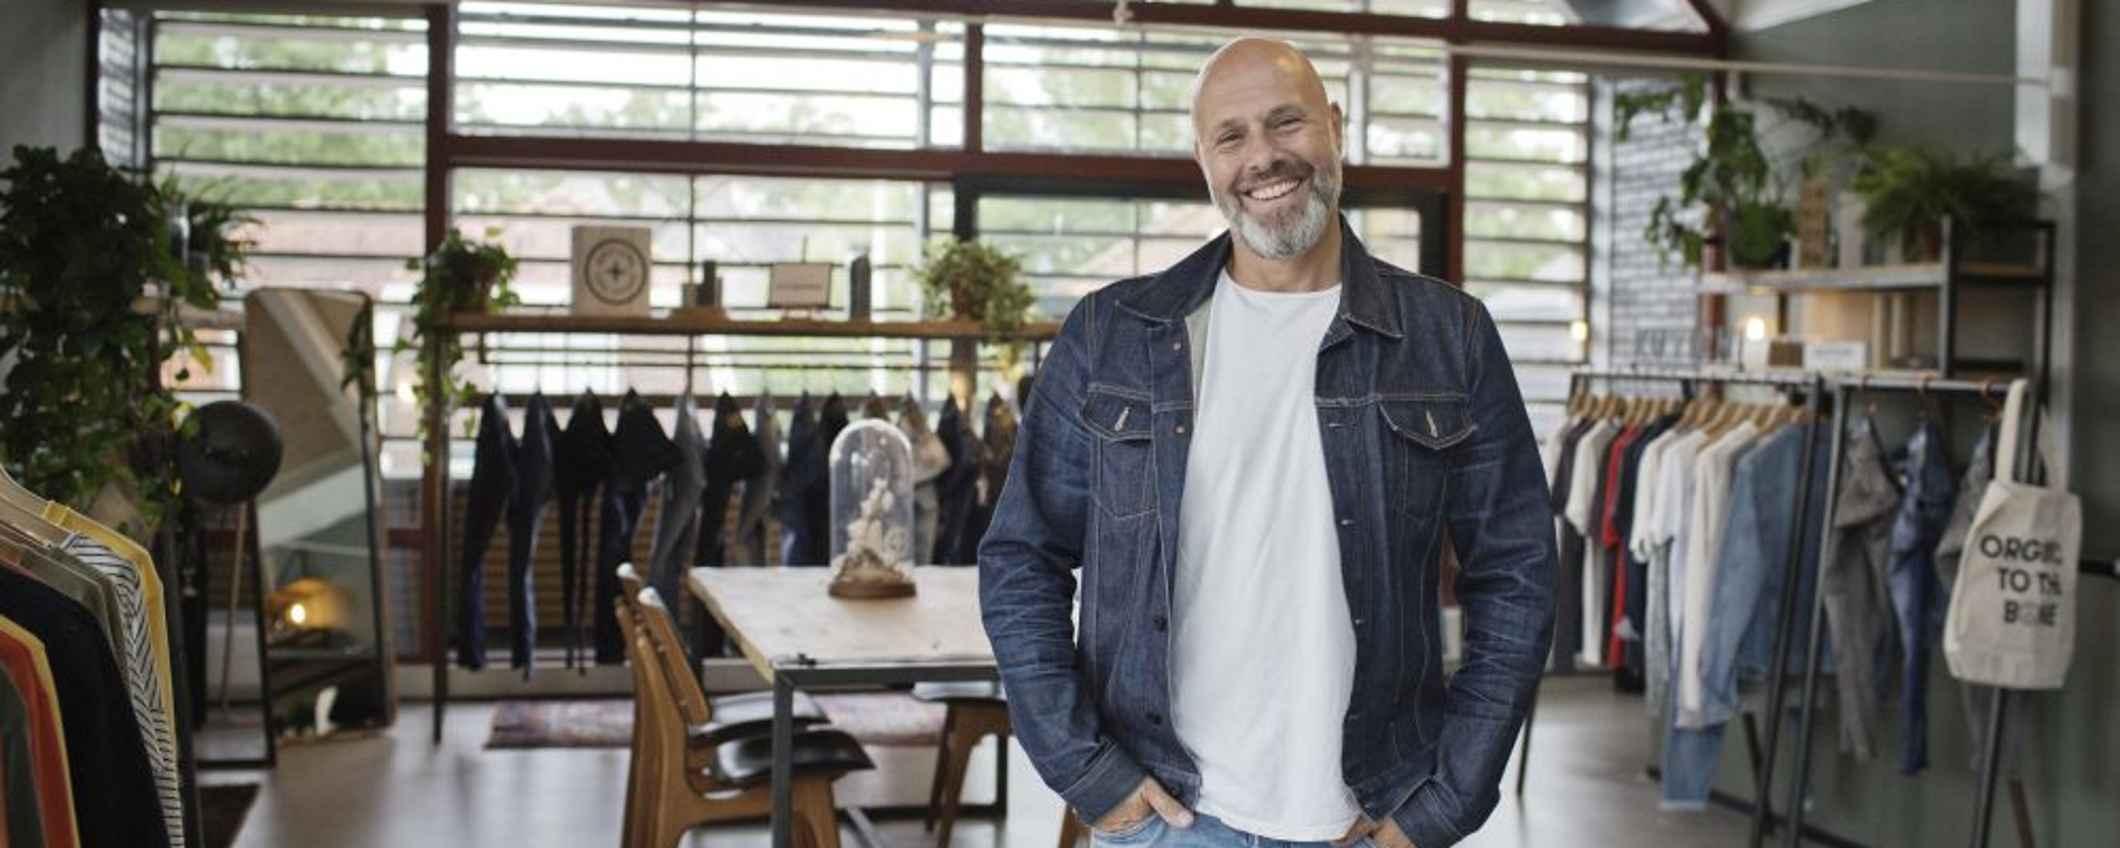 Peter Schuitema, directeur van spijkerbroekenmerk Kuyichi